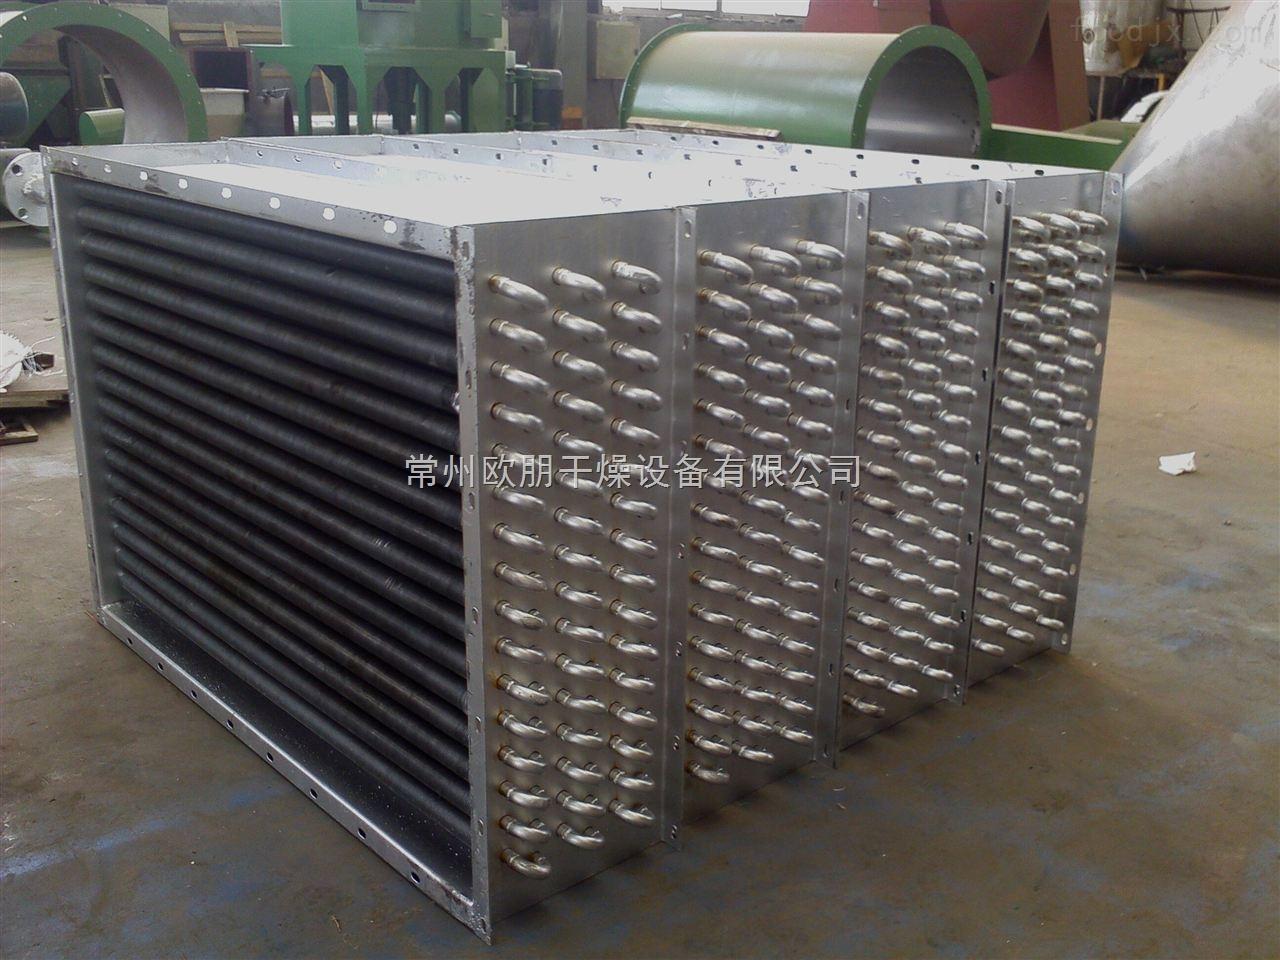 产品介绍 我厂生产的蒸汽散热器,是在热风装置中作为加热空气用的空气加热器,是热风装置中的主要设备,在淀粉的气流干燥中得到广泛的应用。蒸汽散热器用于热风采暖,空气调节系统及干燥装置的空气加热。适用于蒸汽及热水采暖系统。它在许多工业企业,大型建筑物的采暖通风系统中得到广泛的应用。 其热介质为蒸汽或高温水。蒸汽的工作压力为0.